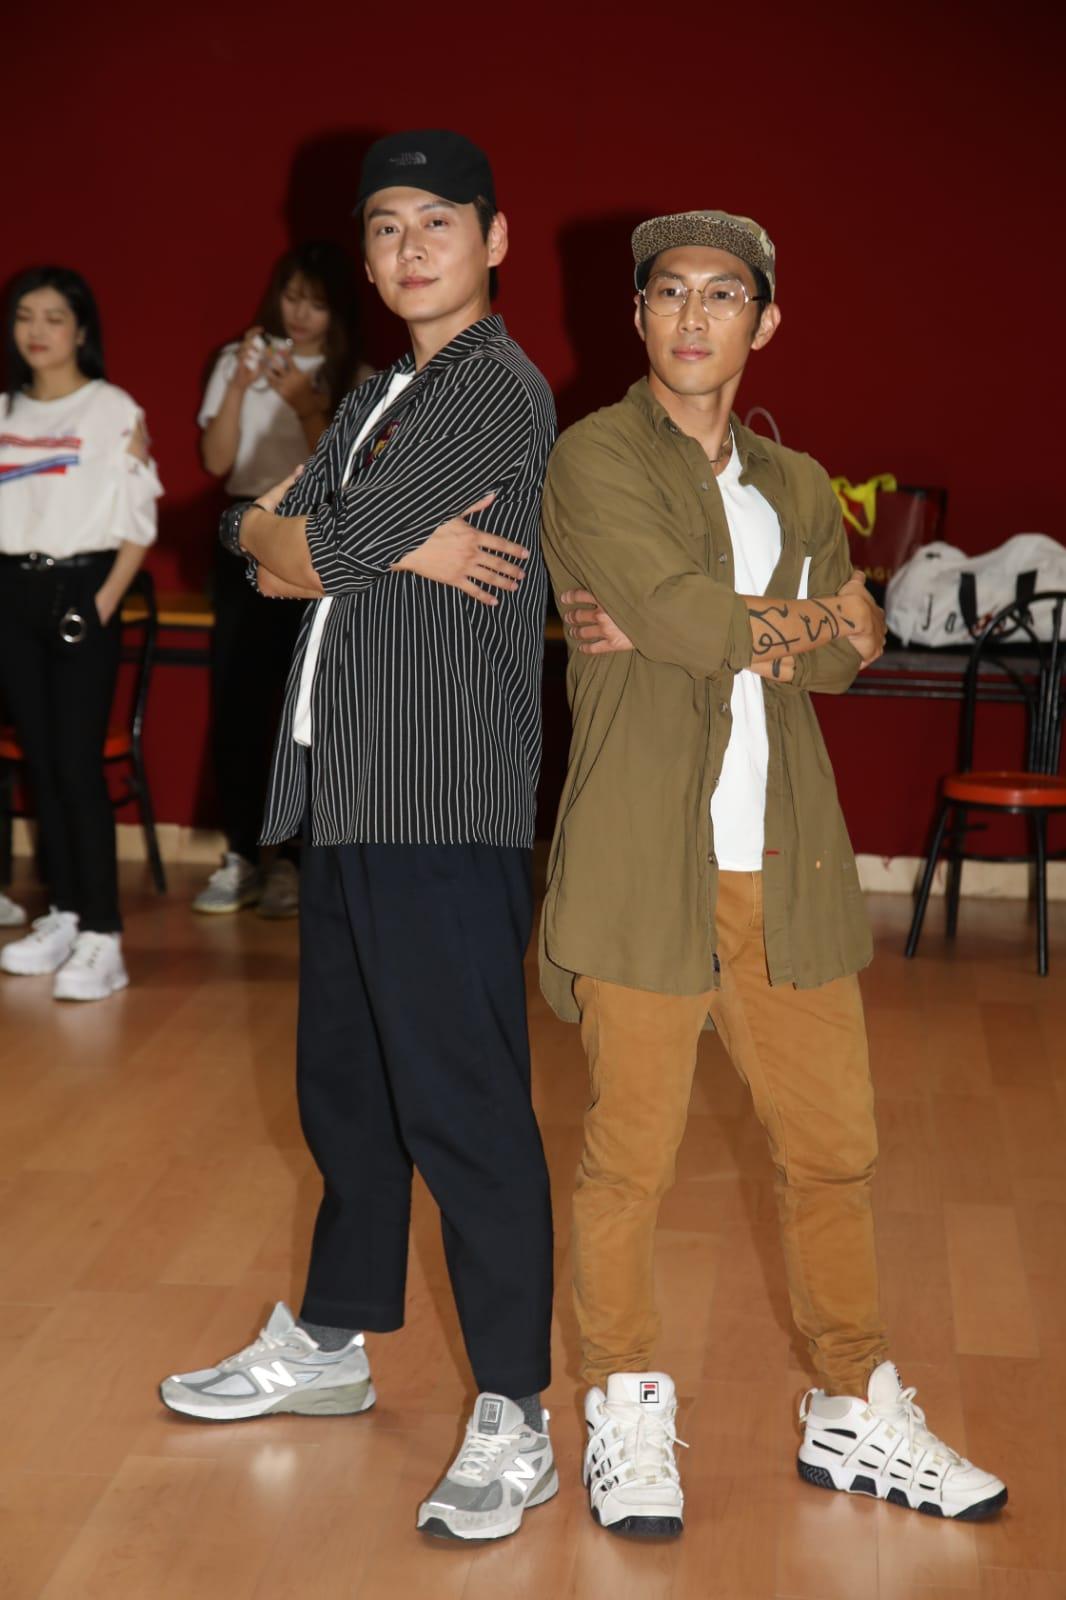 麥秋成與張振朗為台慶排舞。